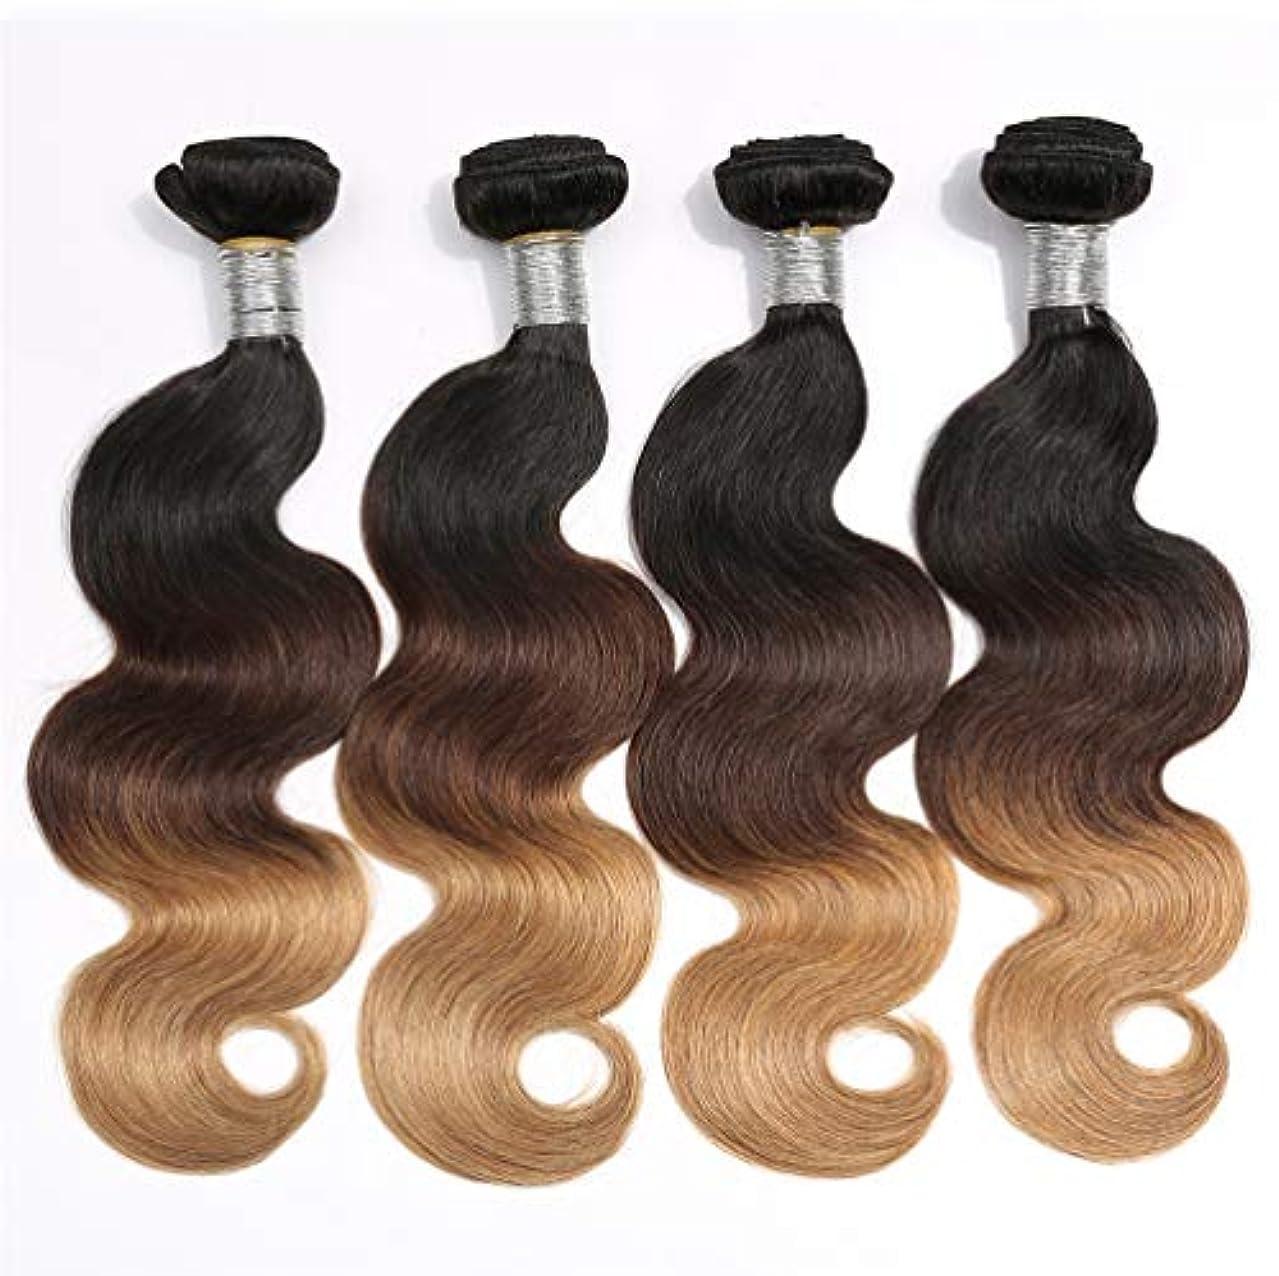 好奇心盛間違い民間人女性150%密度ブラジル髪の束実体波1バンドル髪の束実体波人間の髪の毛のグラデーション